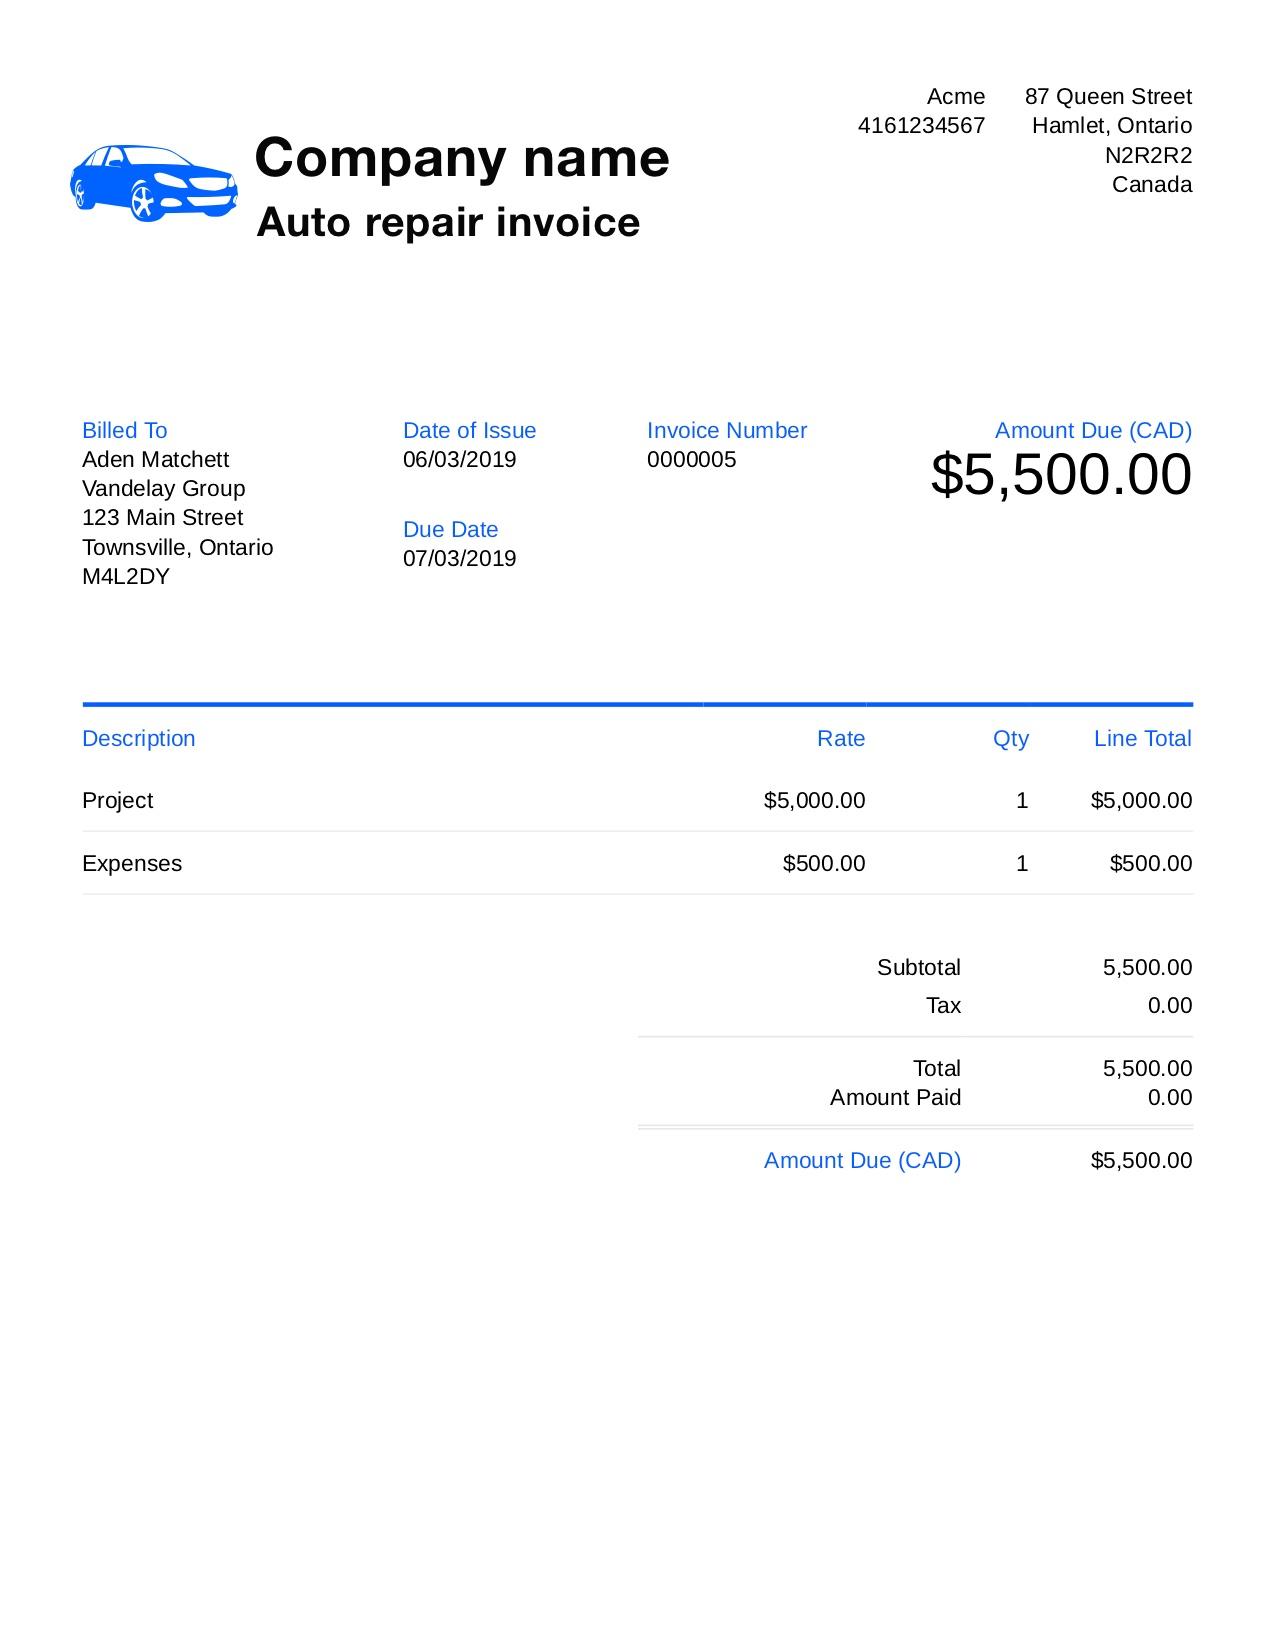 Auto Repair Invoice Templates Addictionary